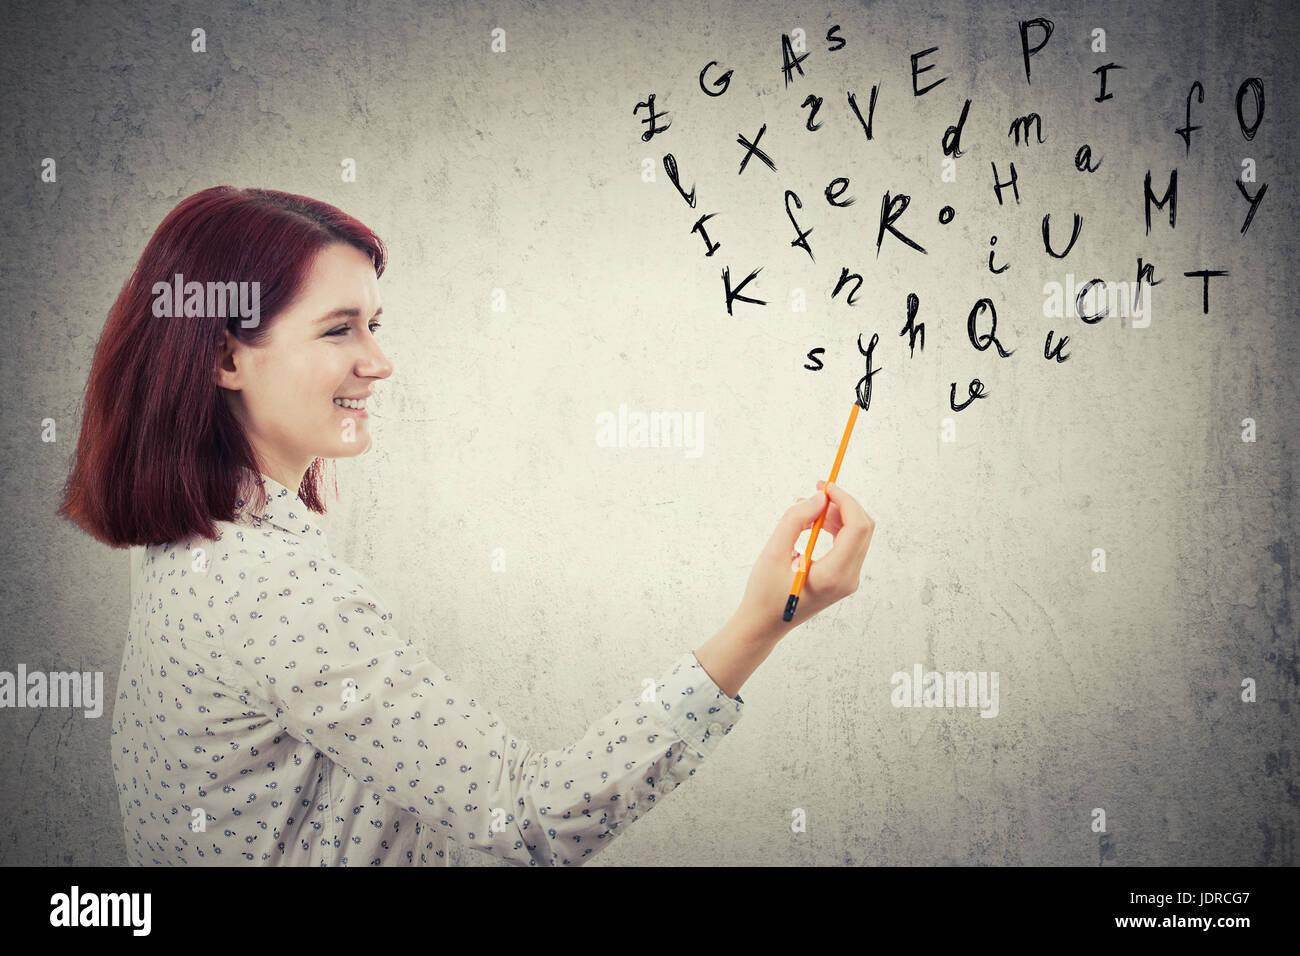 Giovane imprenditrice, tenendo in mano una matita in mano disegno lettere dell'alfabeto. Educazione e comunicazione Foto Stock